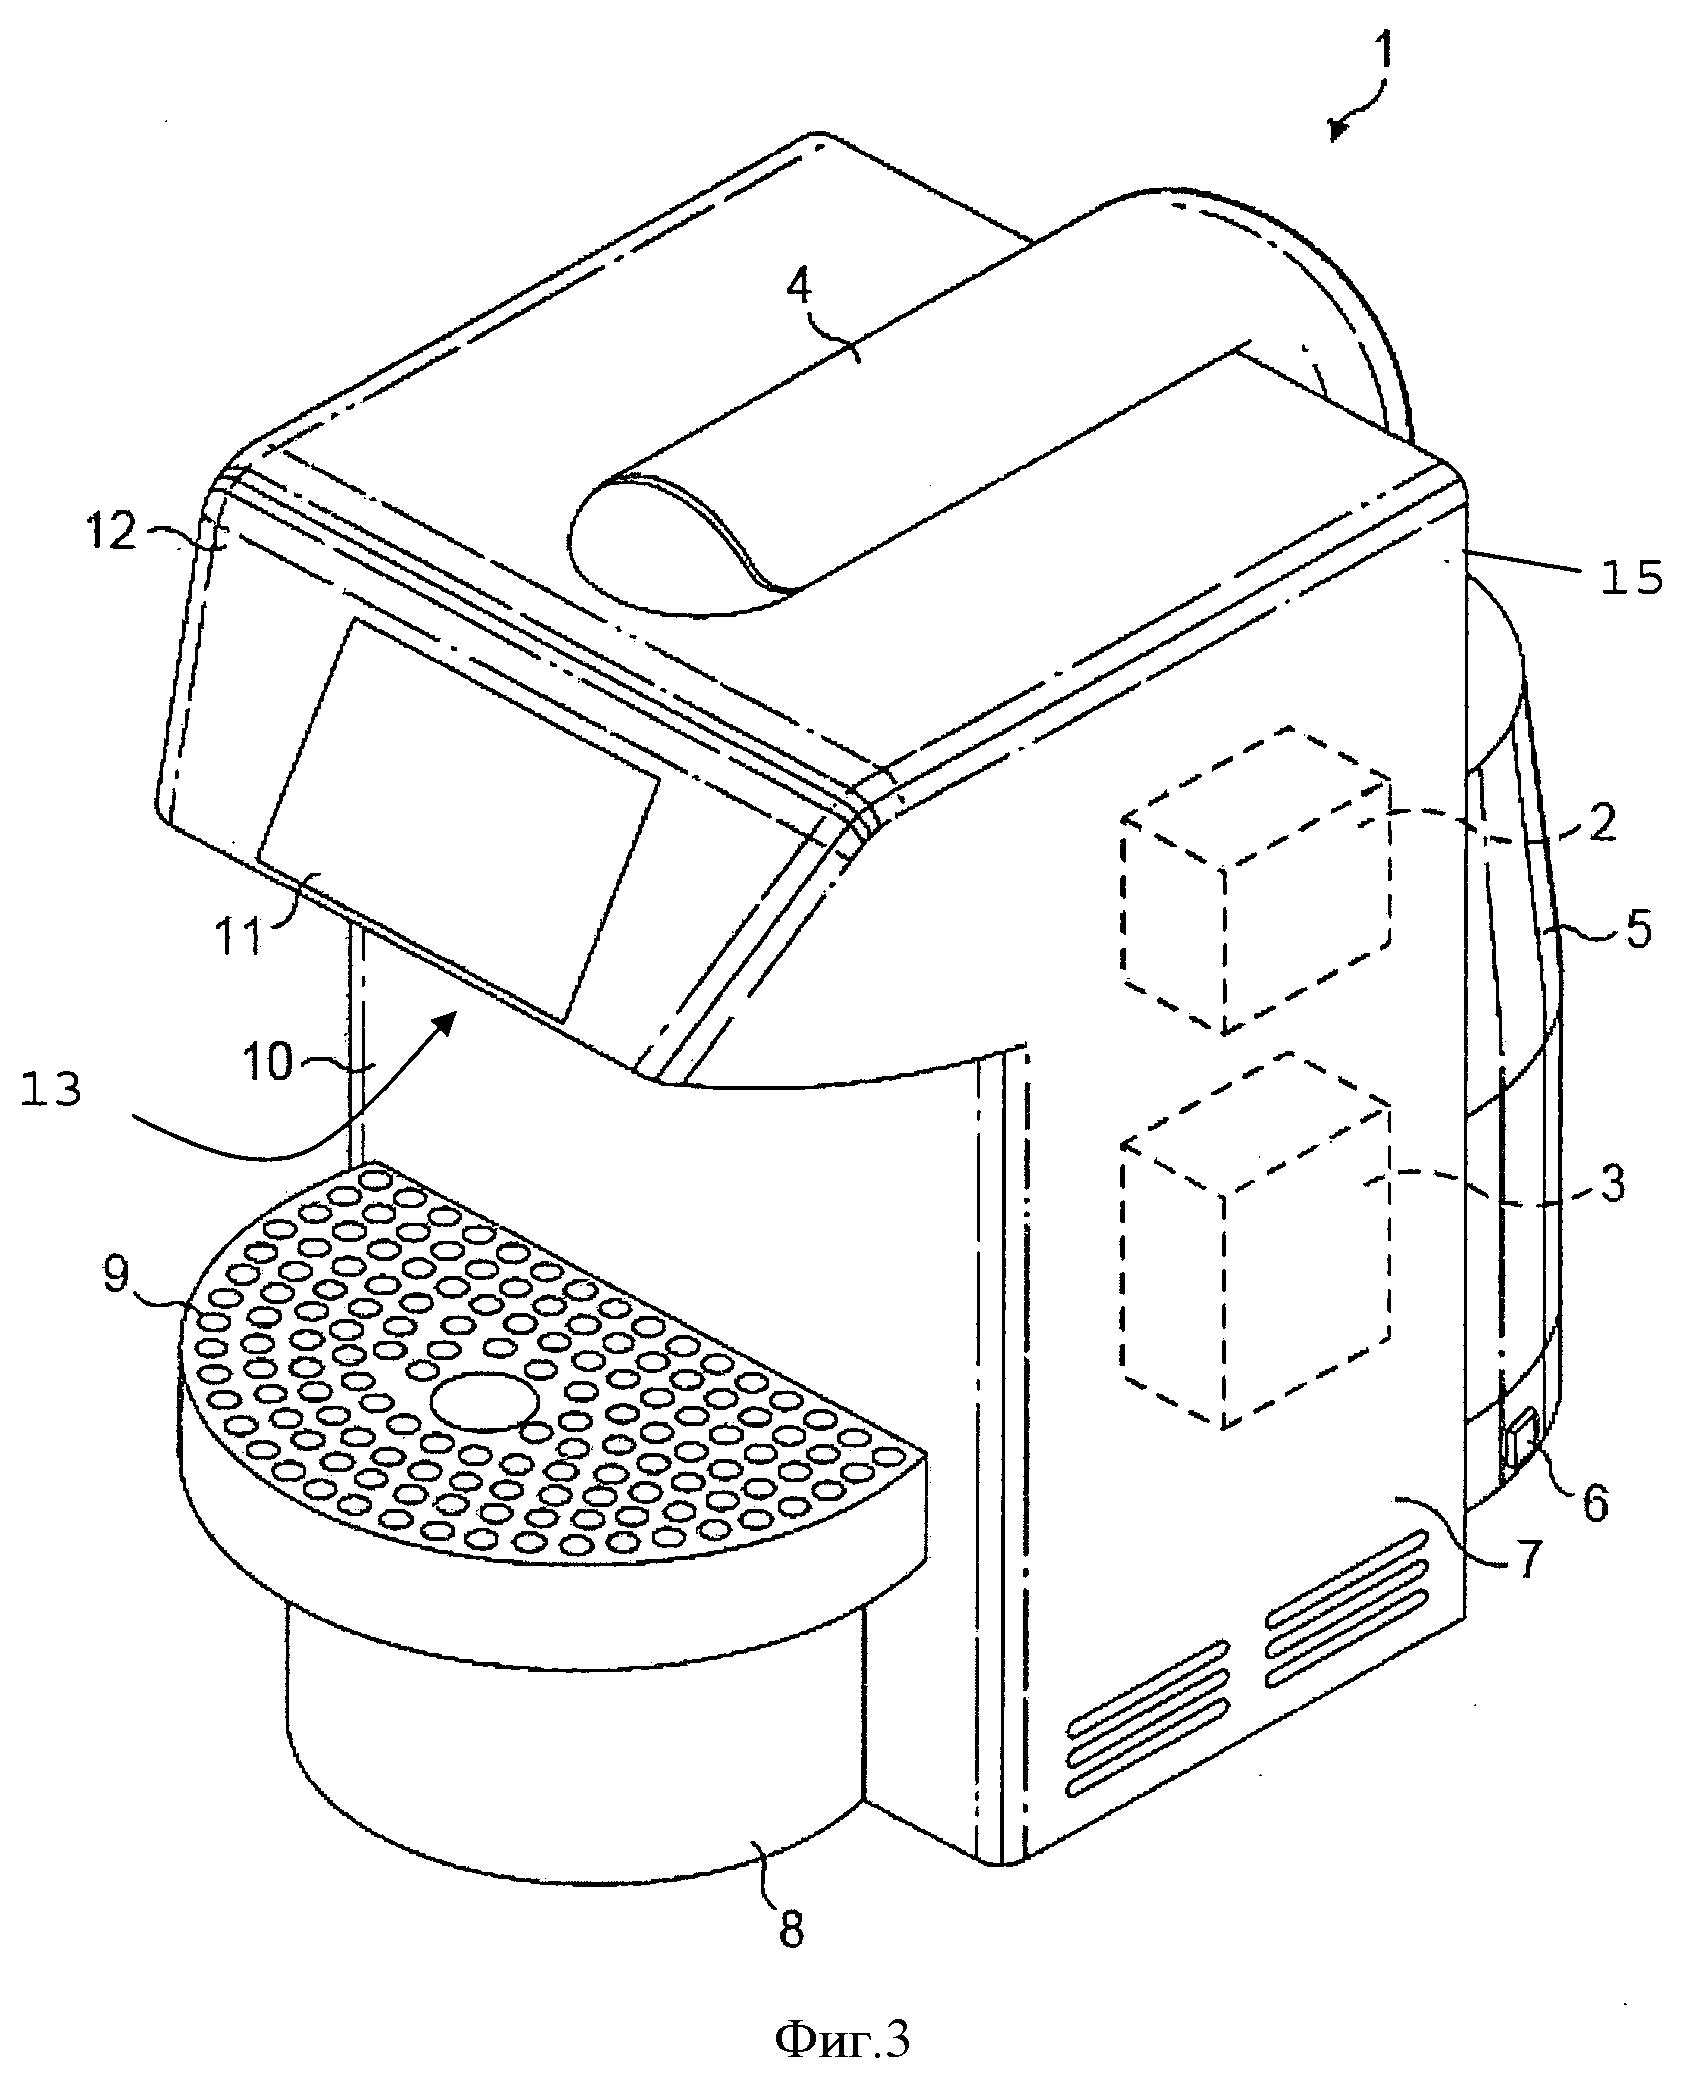 Удобный для пользователя интерфейс машины для приготовления напитков